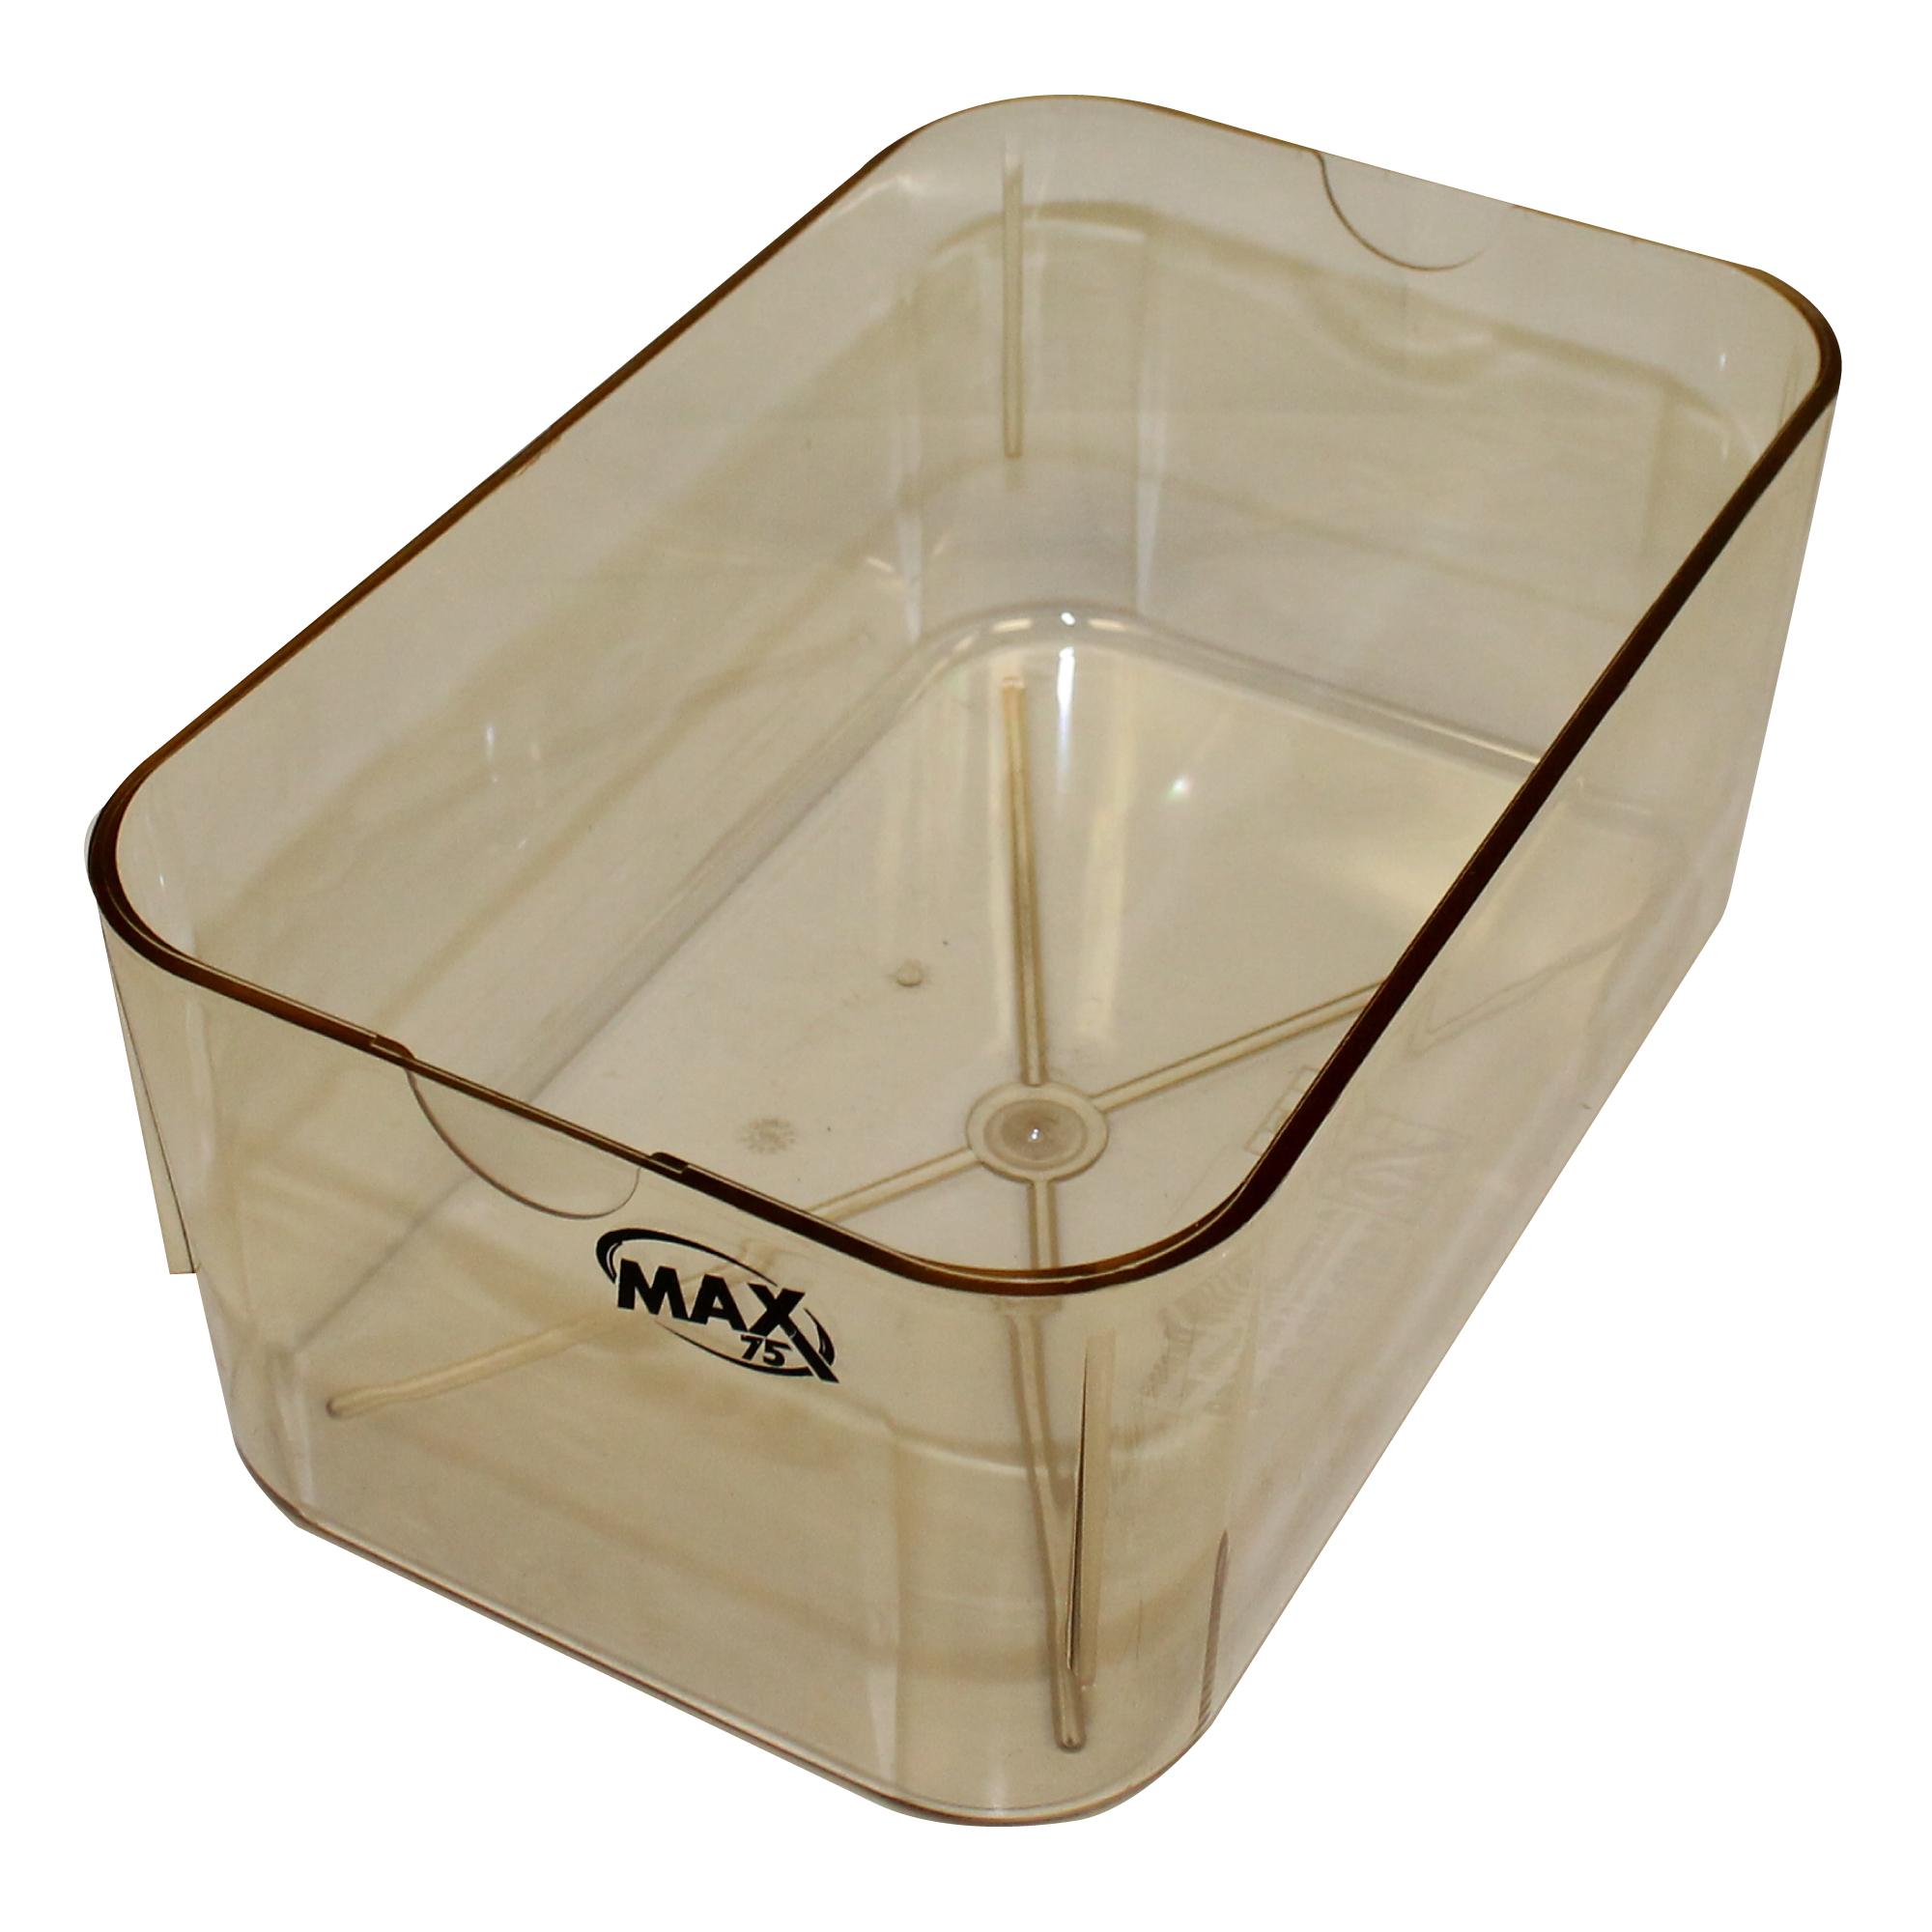 Max 75 Mouse Cage Udel Polysulfone